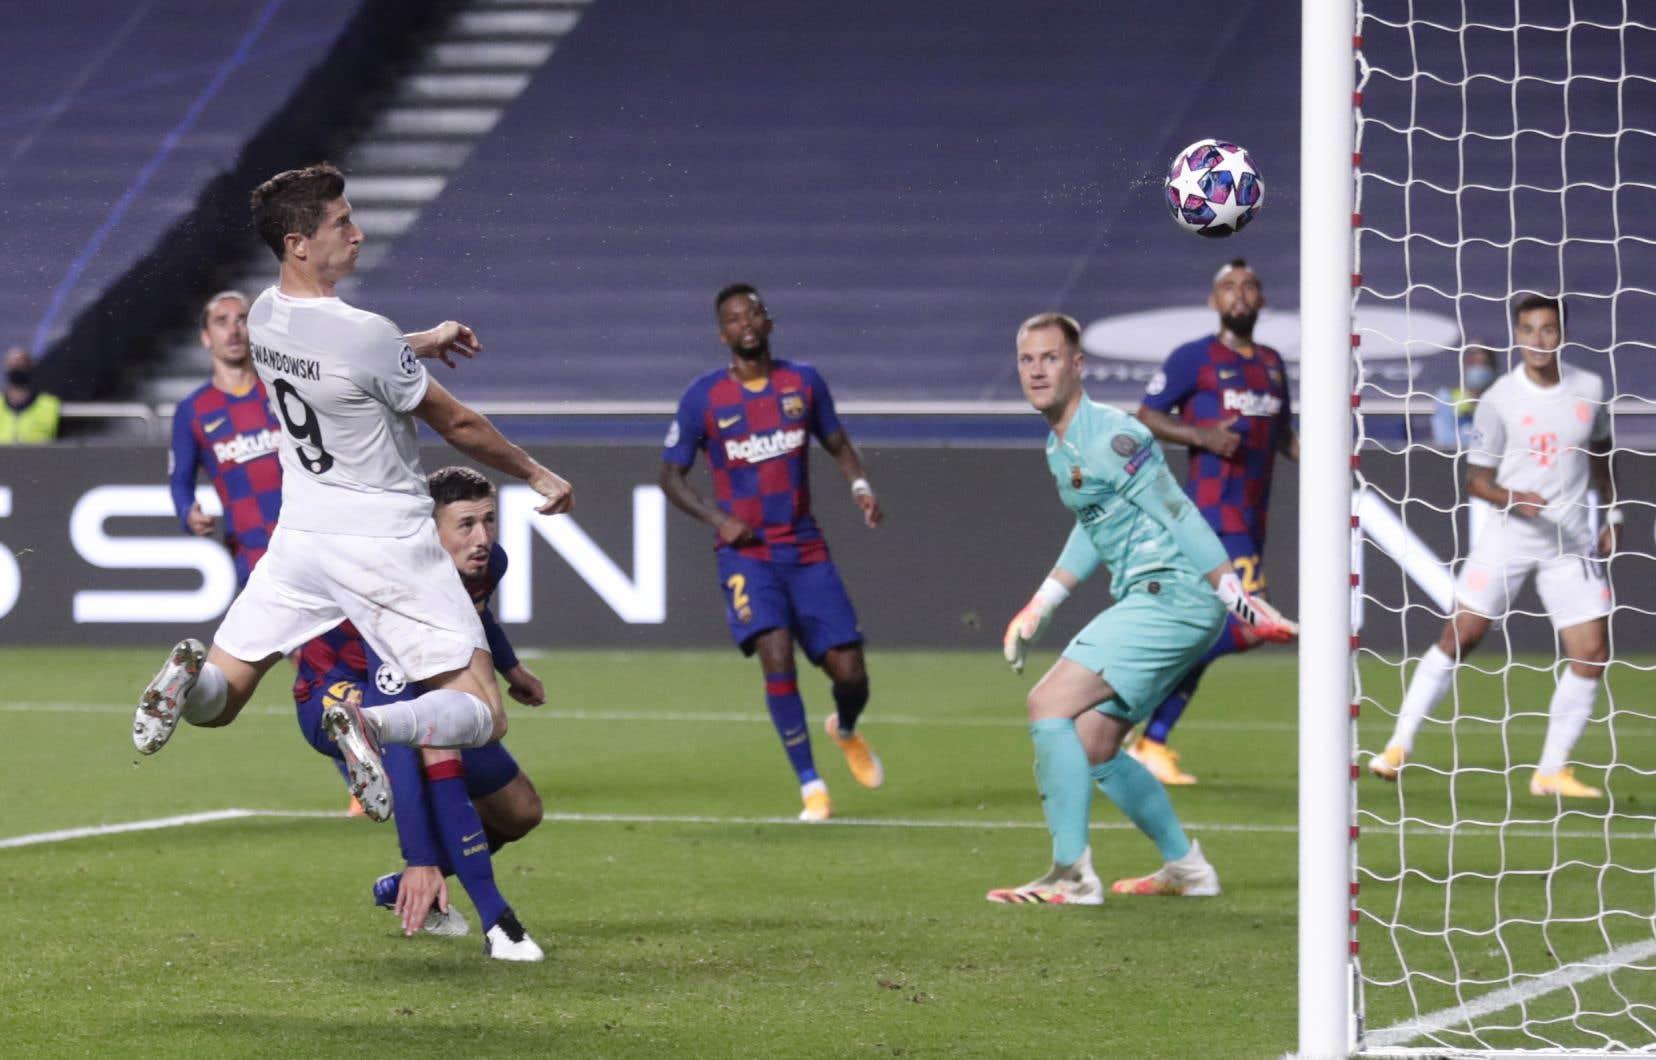 Les Munichois ont marqué un total de huit buts, dont quatredans la première demi-heure de jeu.